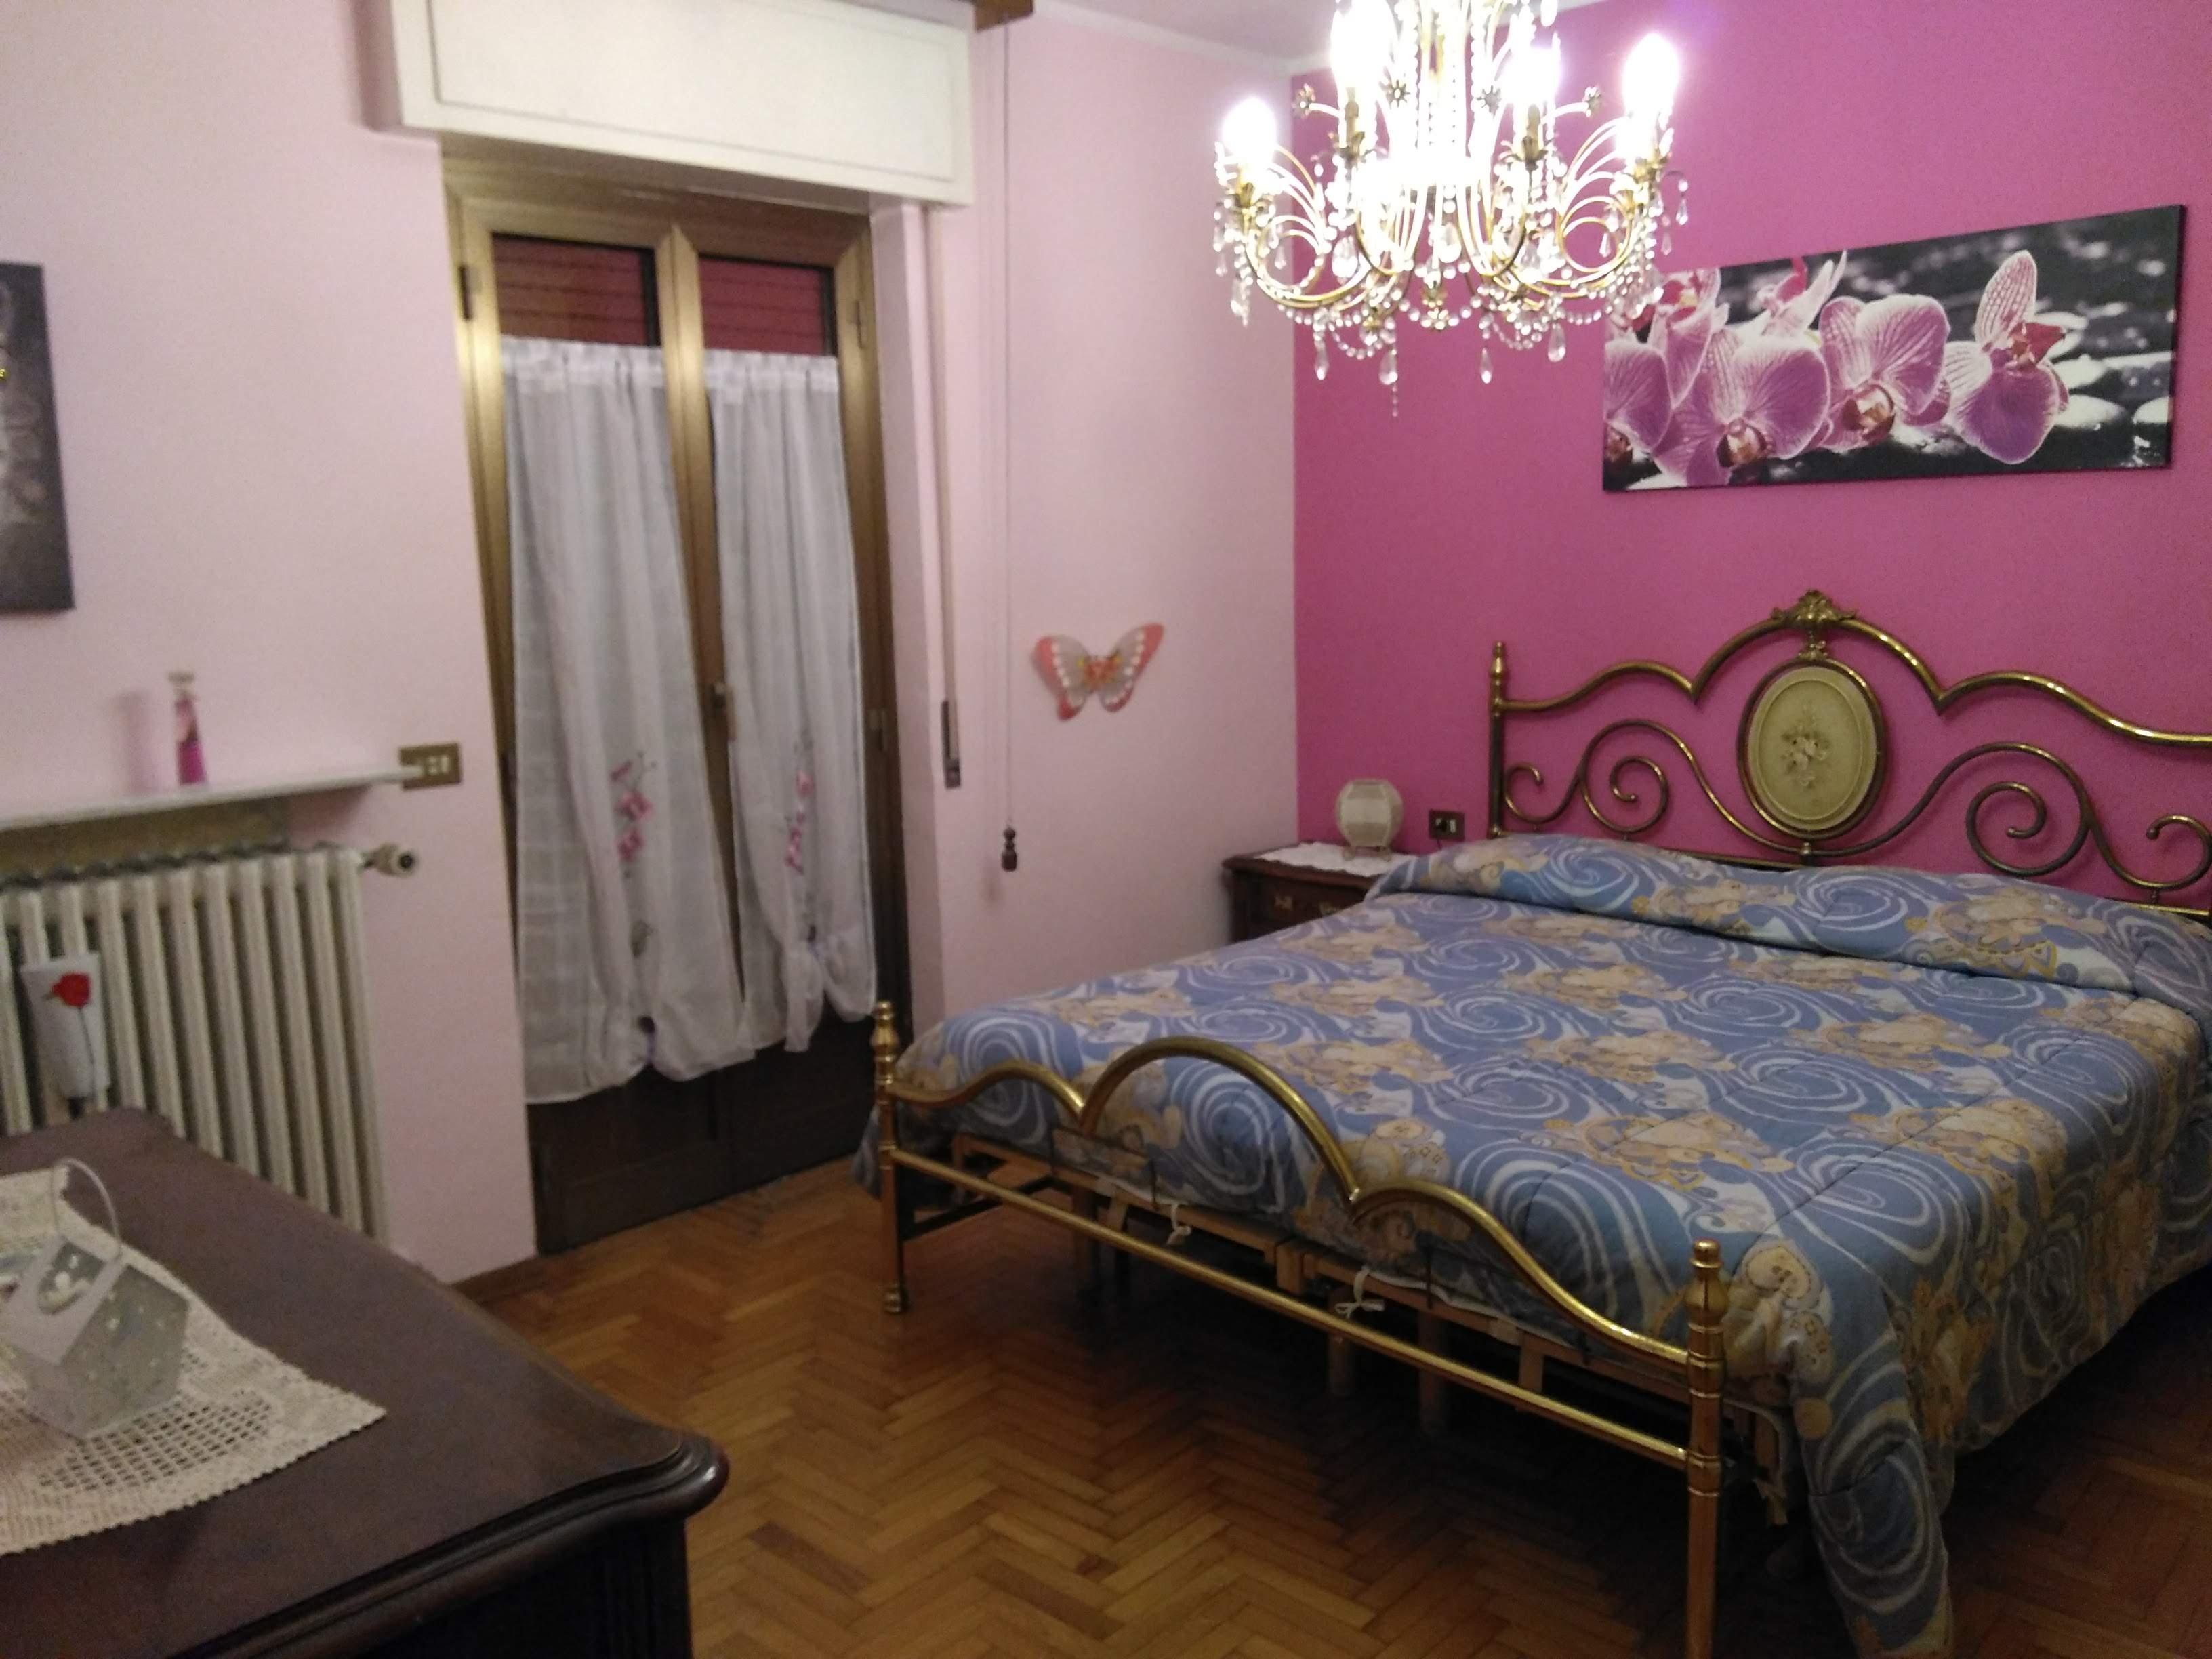 Letto Matrimoniale Con Cuccia.Casa Vacanza La Cuccia Eco Pet Friendly Visit Bergamo